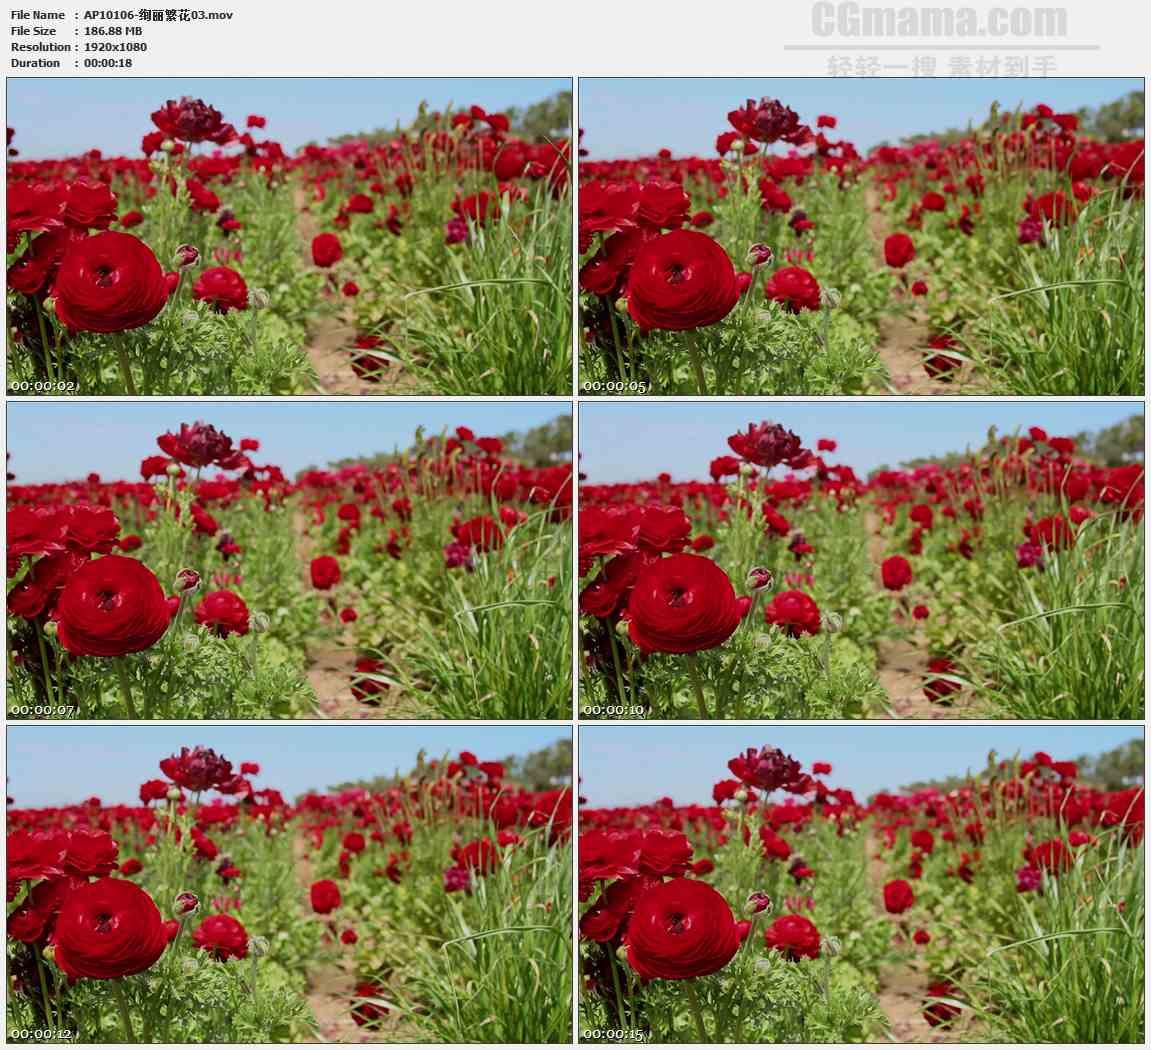 AP10106-繁花绚烂红色野花高清实拍视频素材